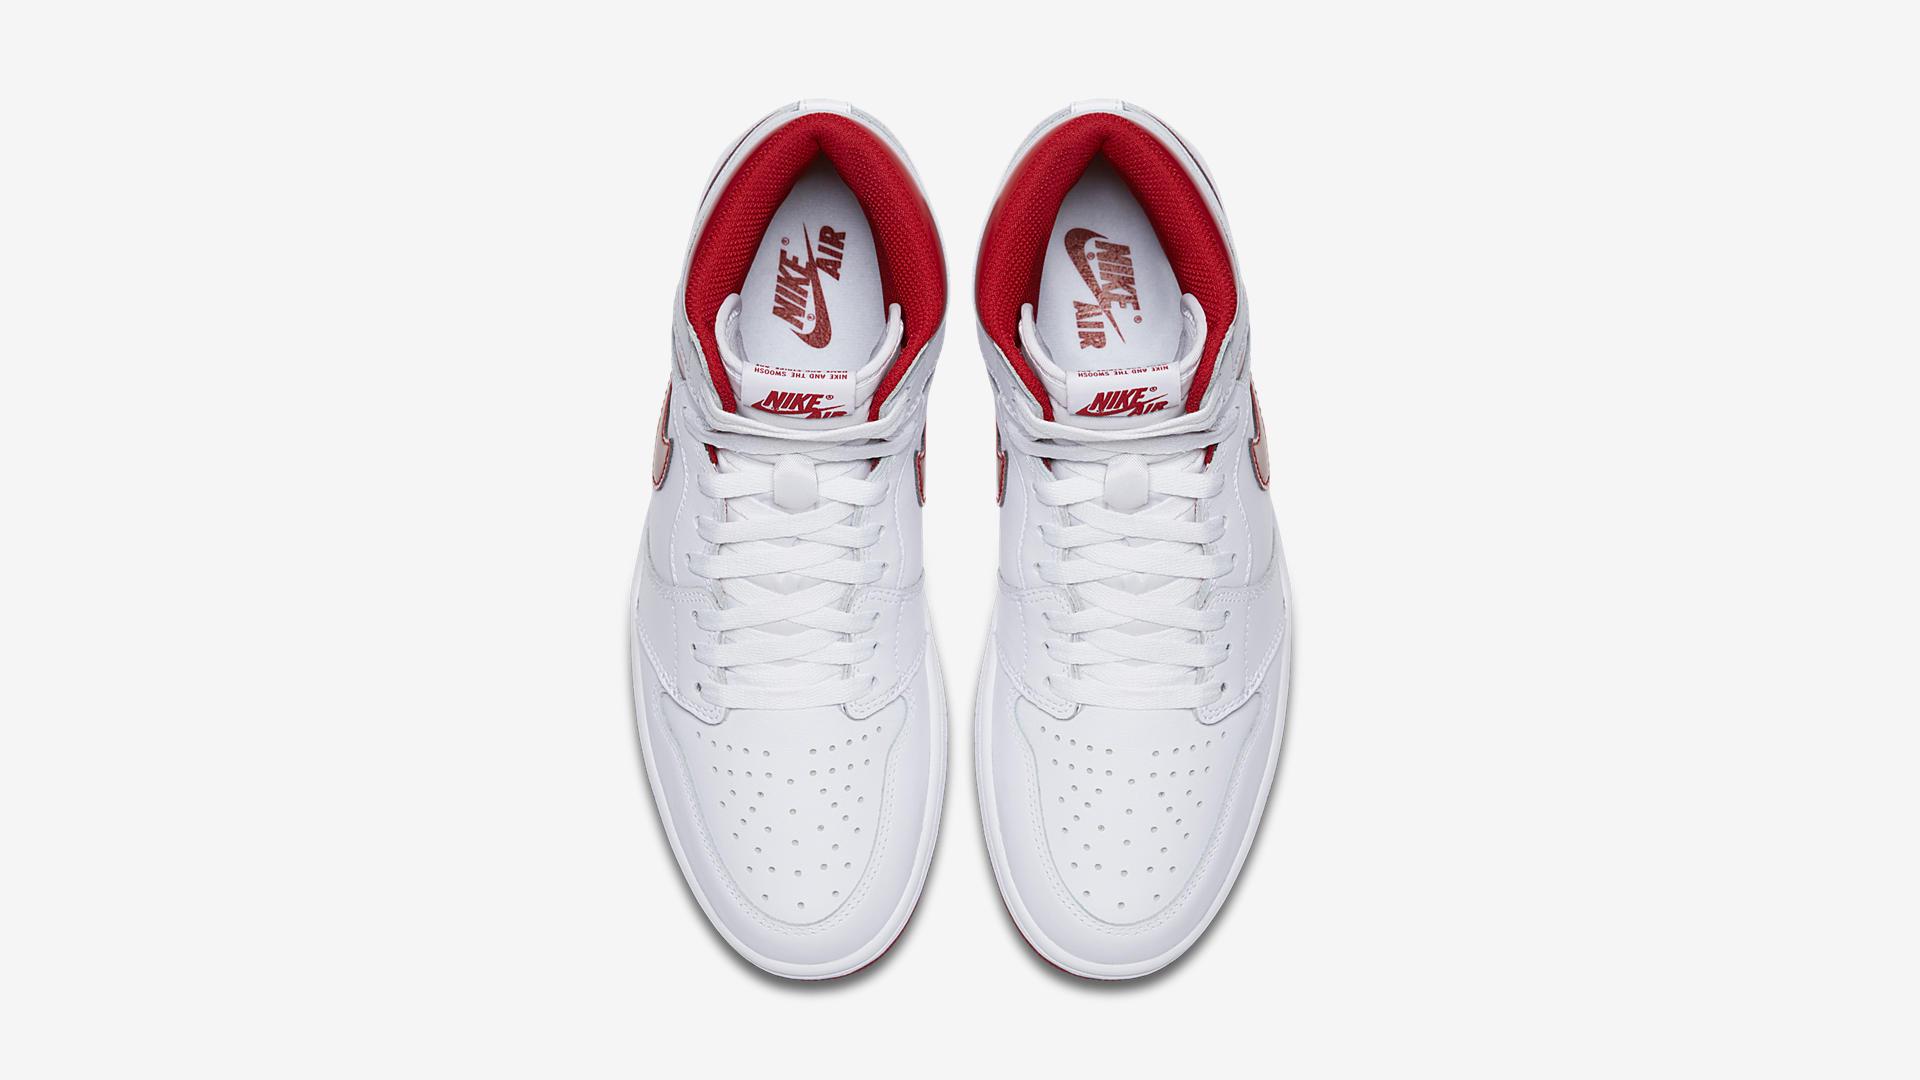 Air Jordan 1 Retro Metallic Red 555088 103 3